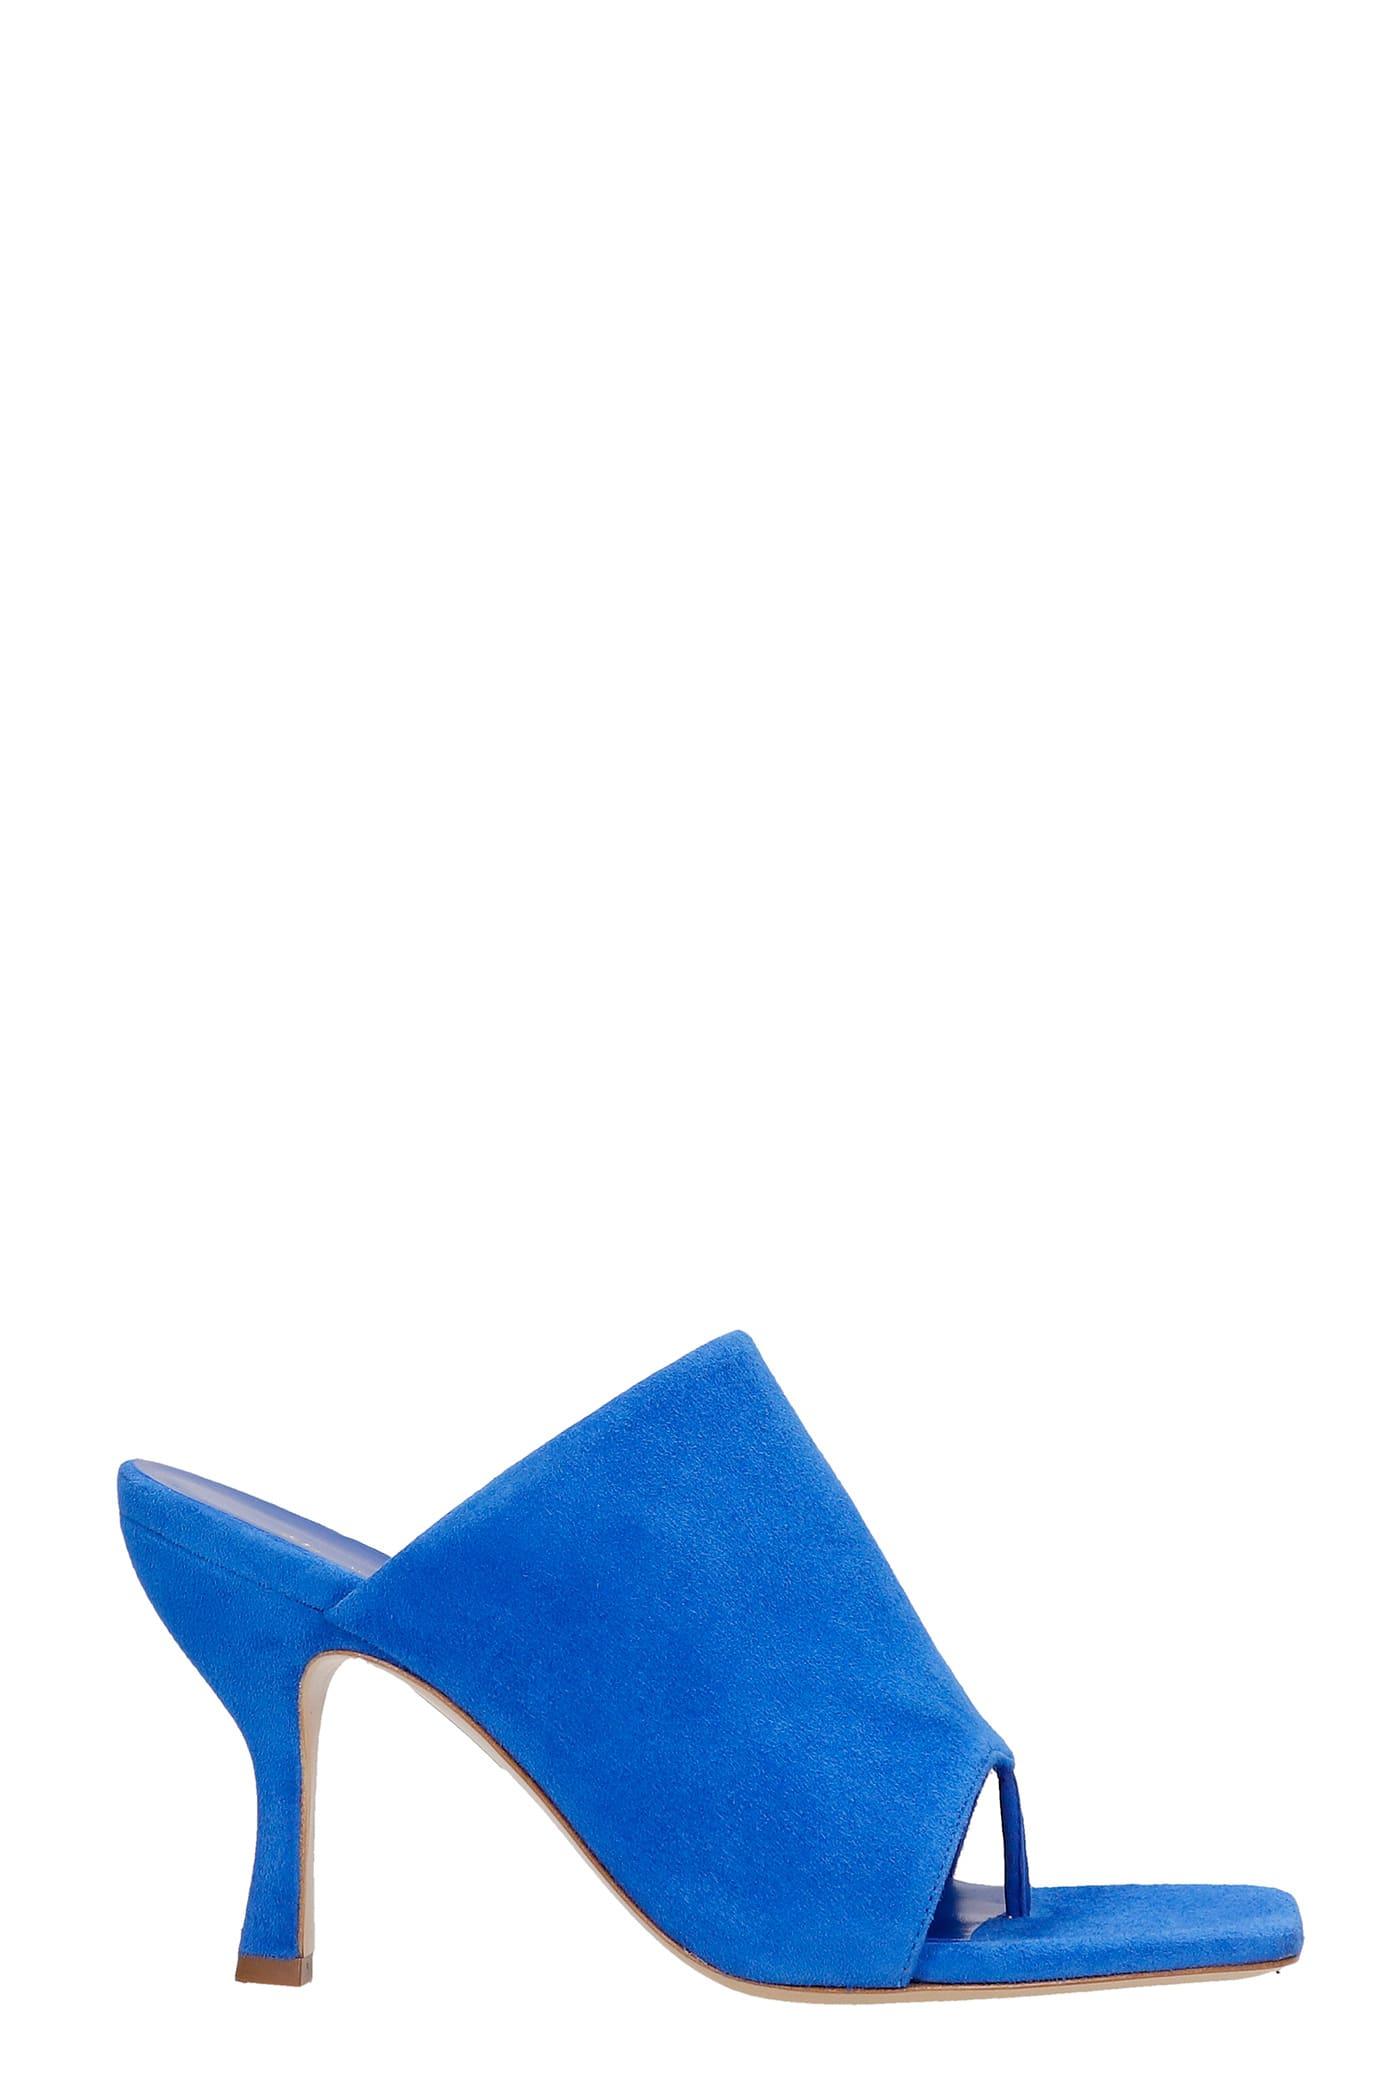 Perni Sandals In Blue Suede